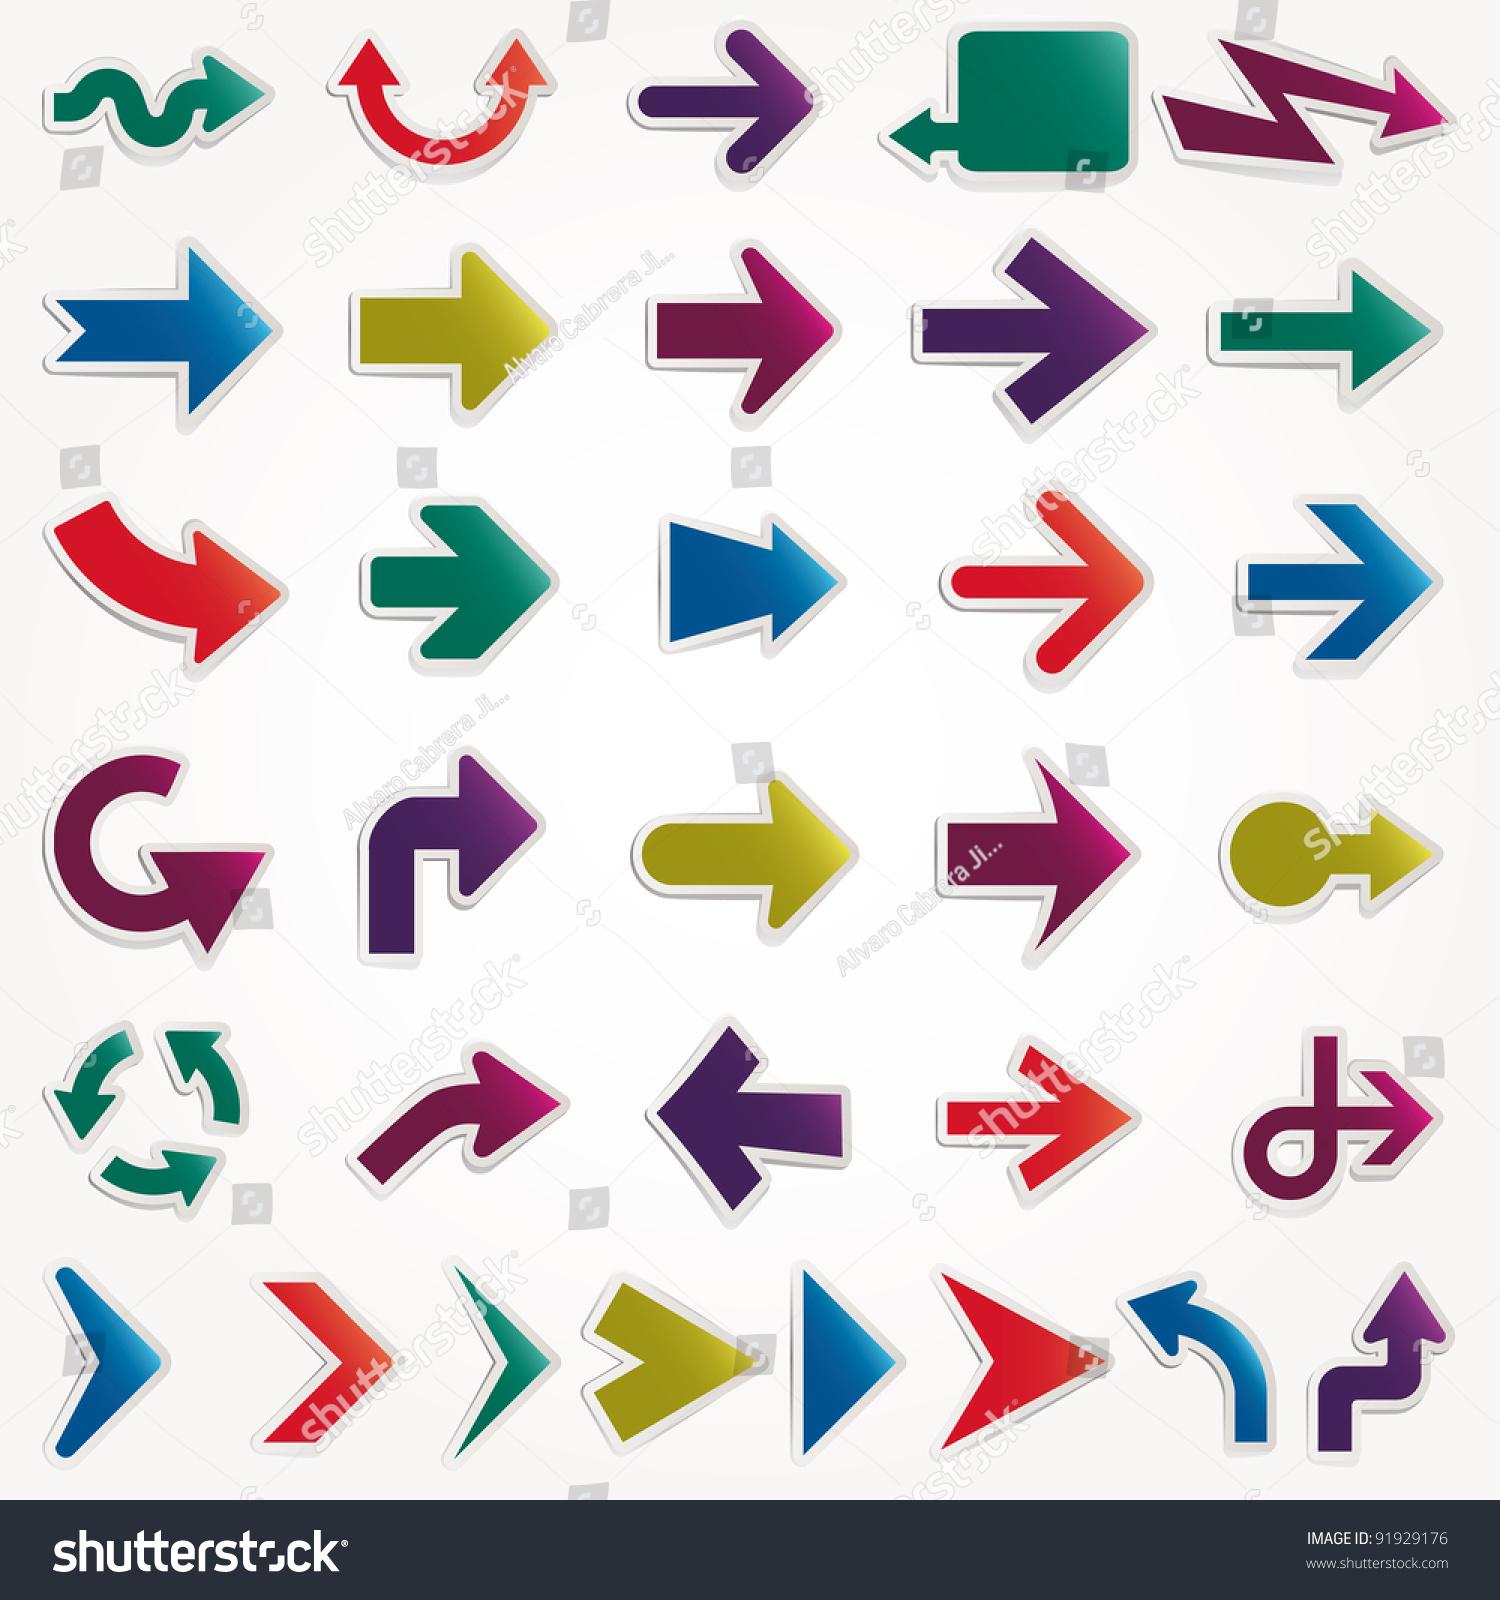 矢量箭头集-背景/素材,符号/标志-海洛创意(hellorf)